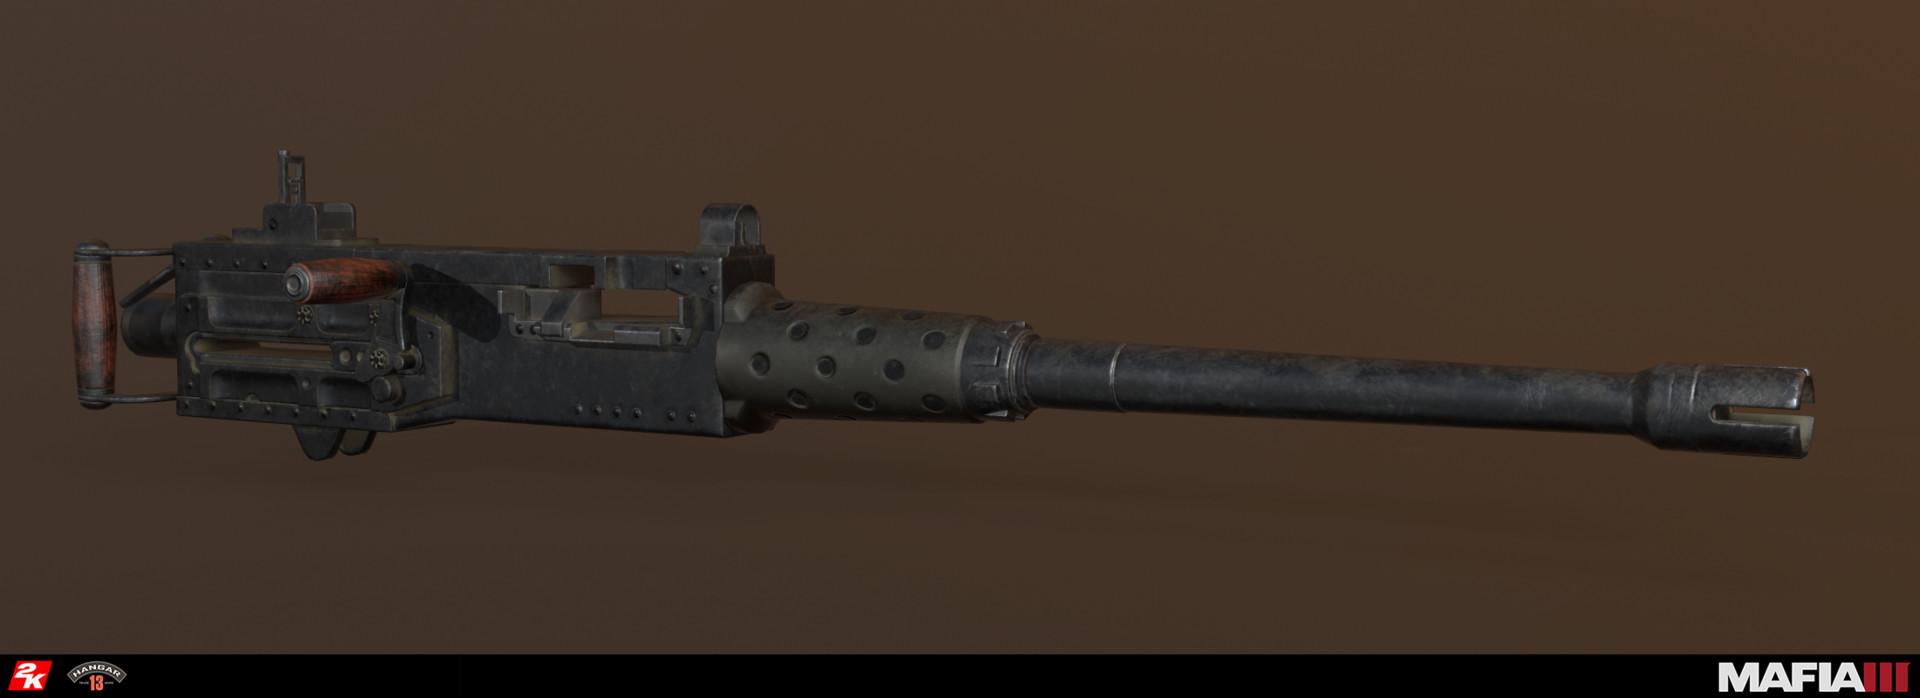 Ben nadler bnadler dlc2 wep turret low 01